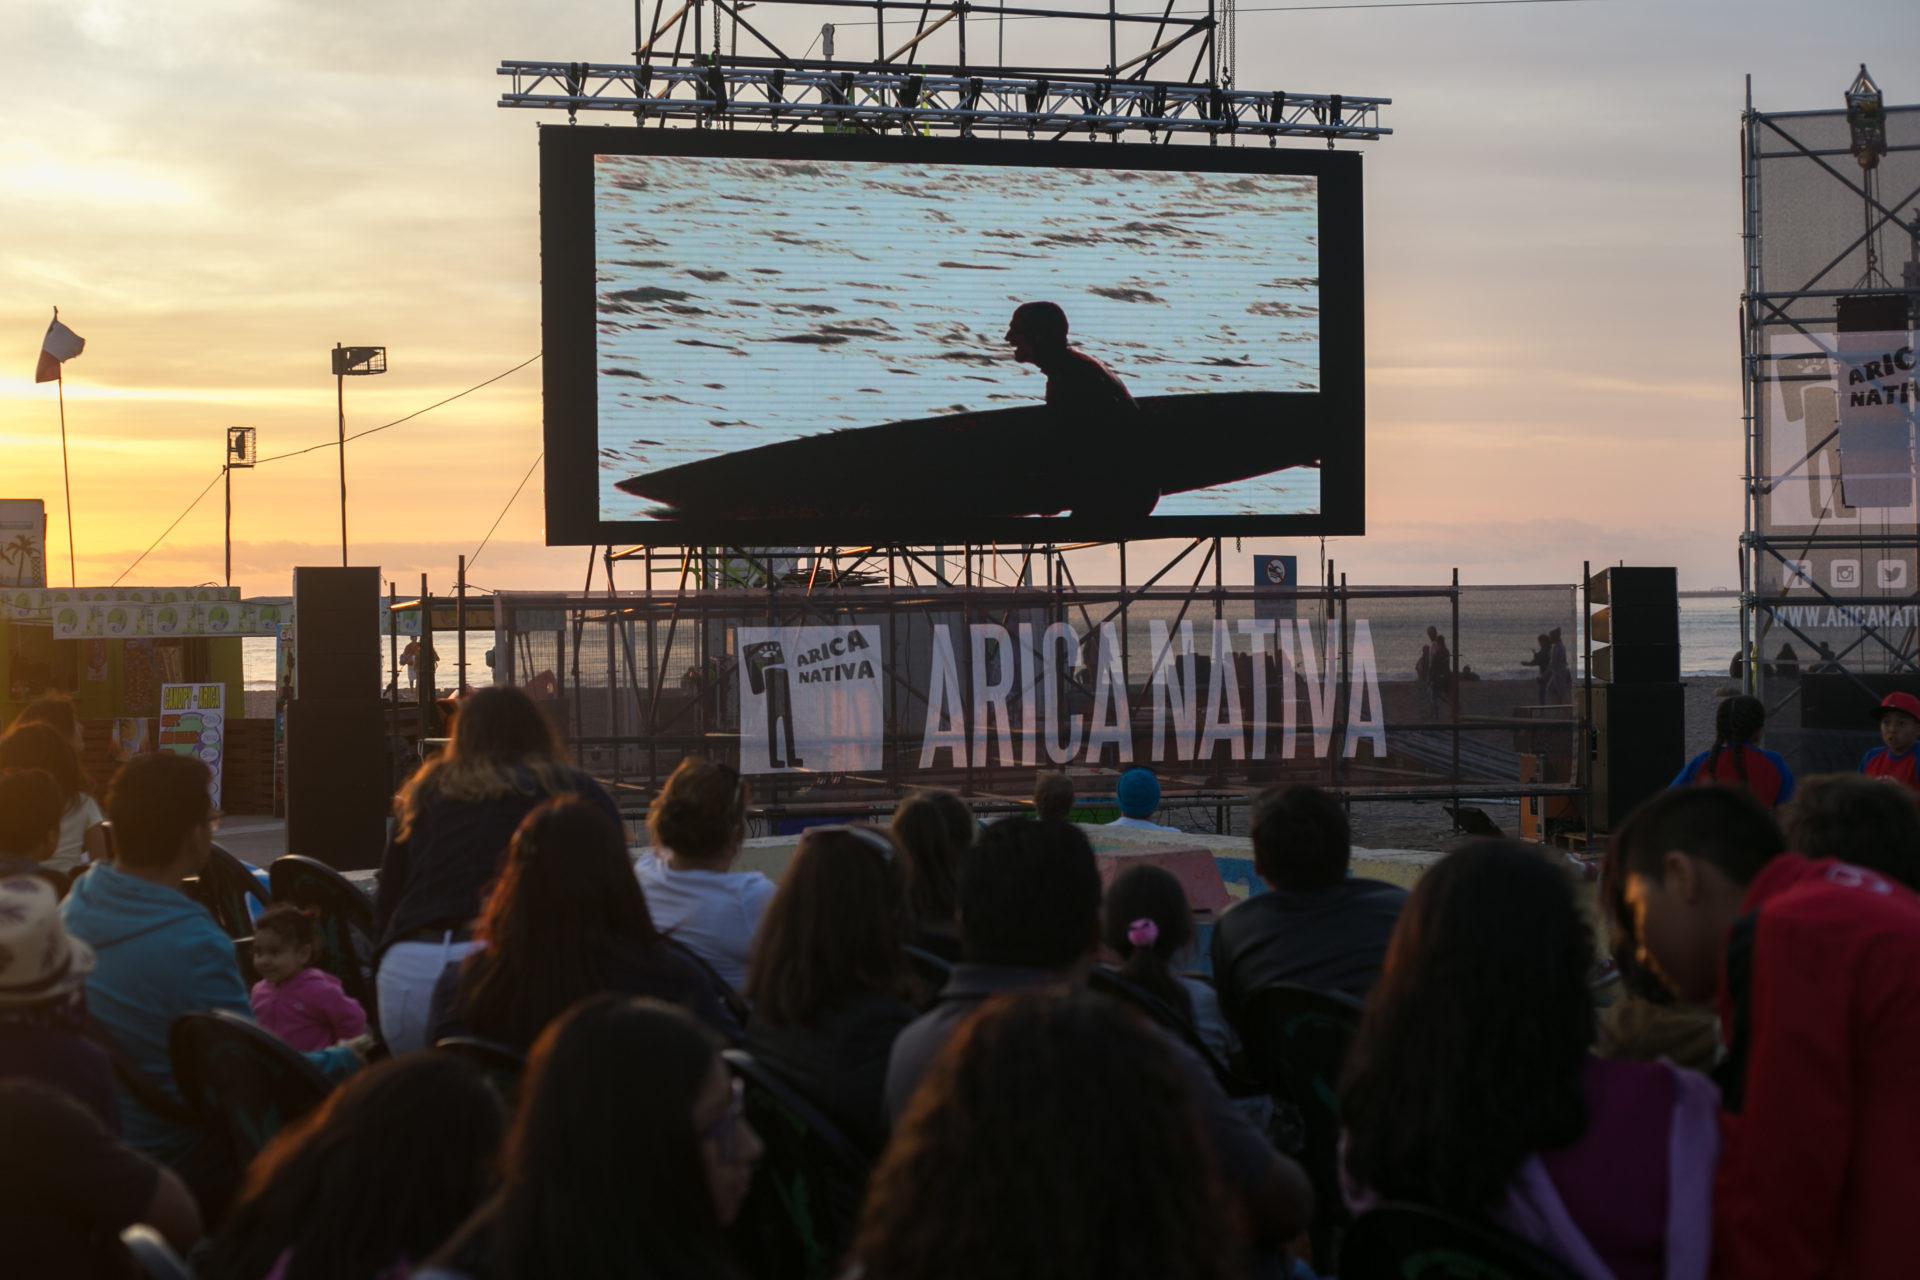 (Español) Estrenando categoría Á(f)rika para la difusión de la cultura afro se abren las convocatorias del 15 Festival Arica Nativa